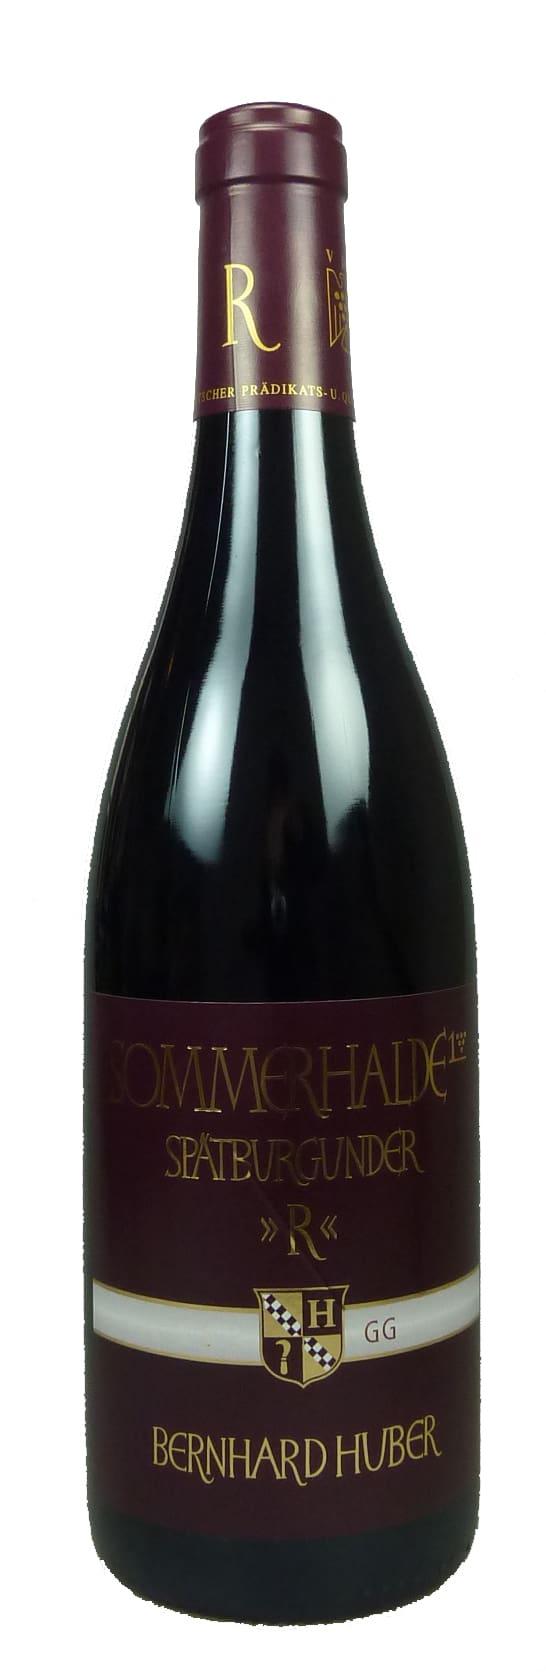 Sommerhalde Spätburgunder Großes Gewächs Qualitätswein trocken 2014